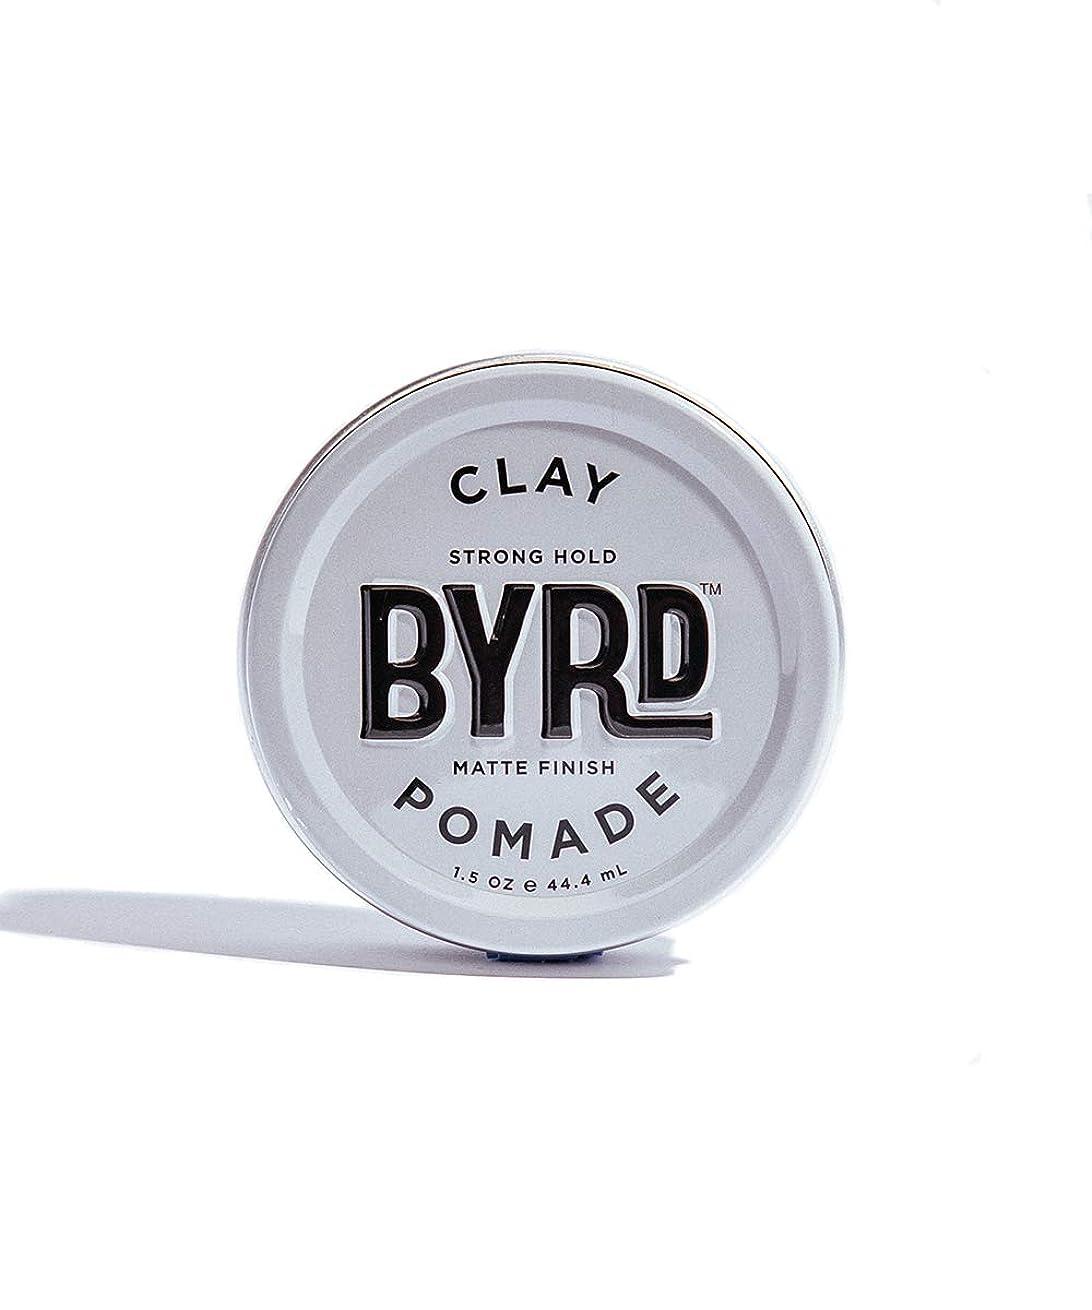 オリエンタル言い聞かせるマージBYRD/クレイポマード 42g メンズコスメ ワックス ヘアスタイリング かっこいい モテ髪